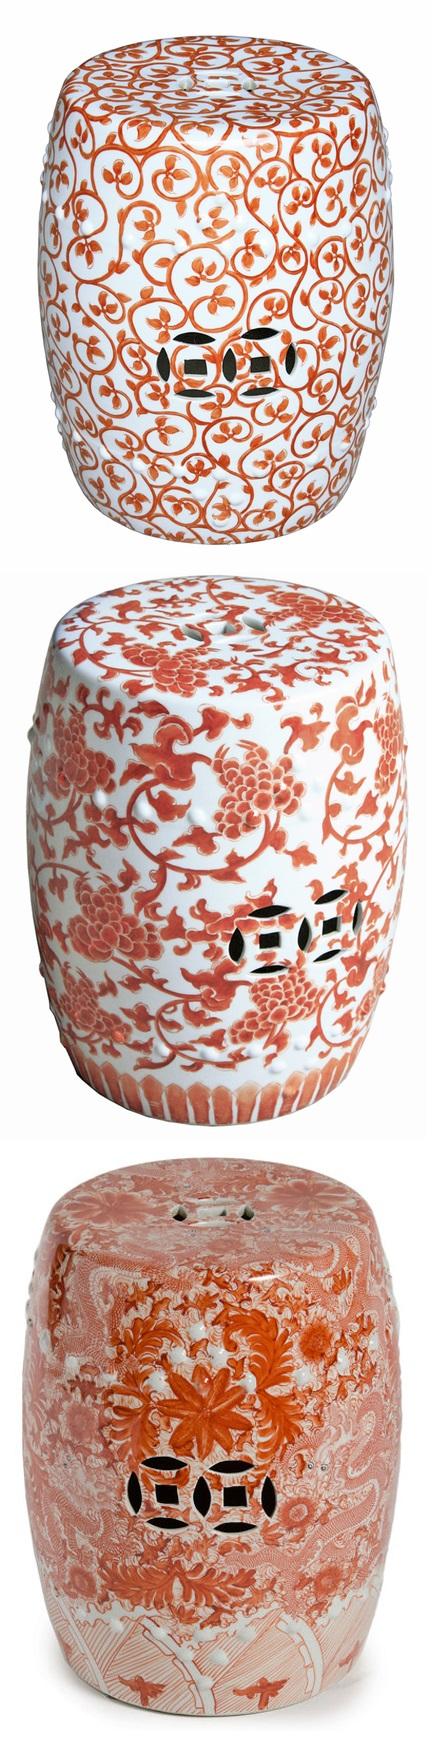 Orange Garden Stool | Orange Ceramic Stools | Orange Porcelain Stool |  Orange Ceramic Stool |